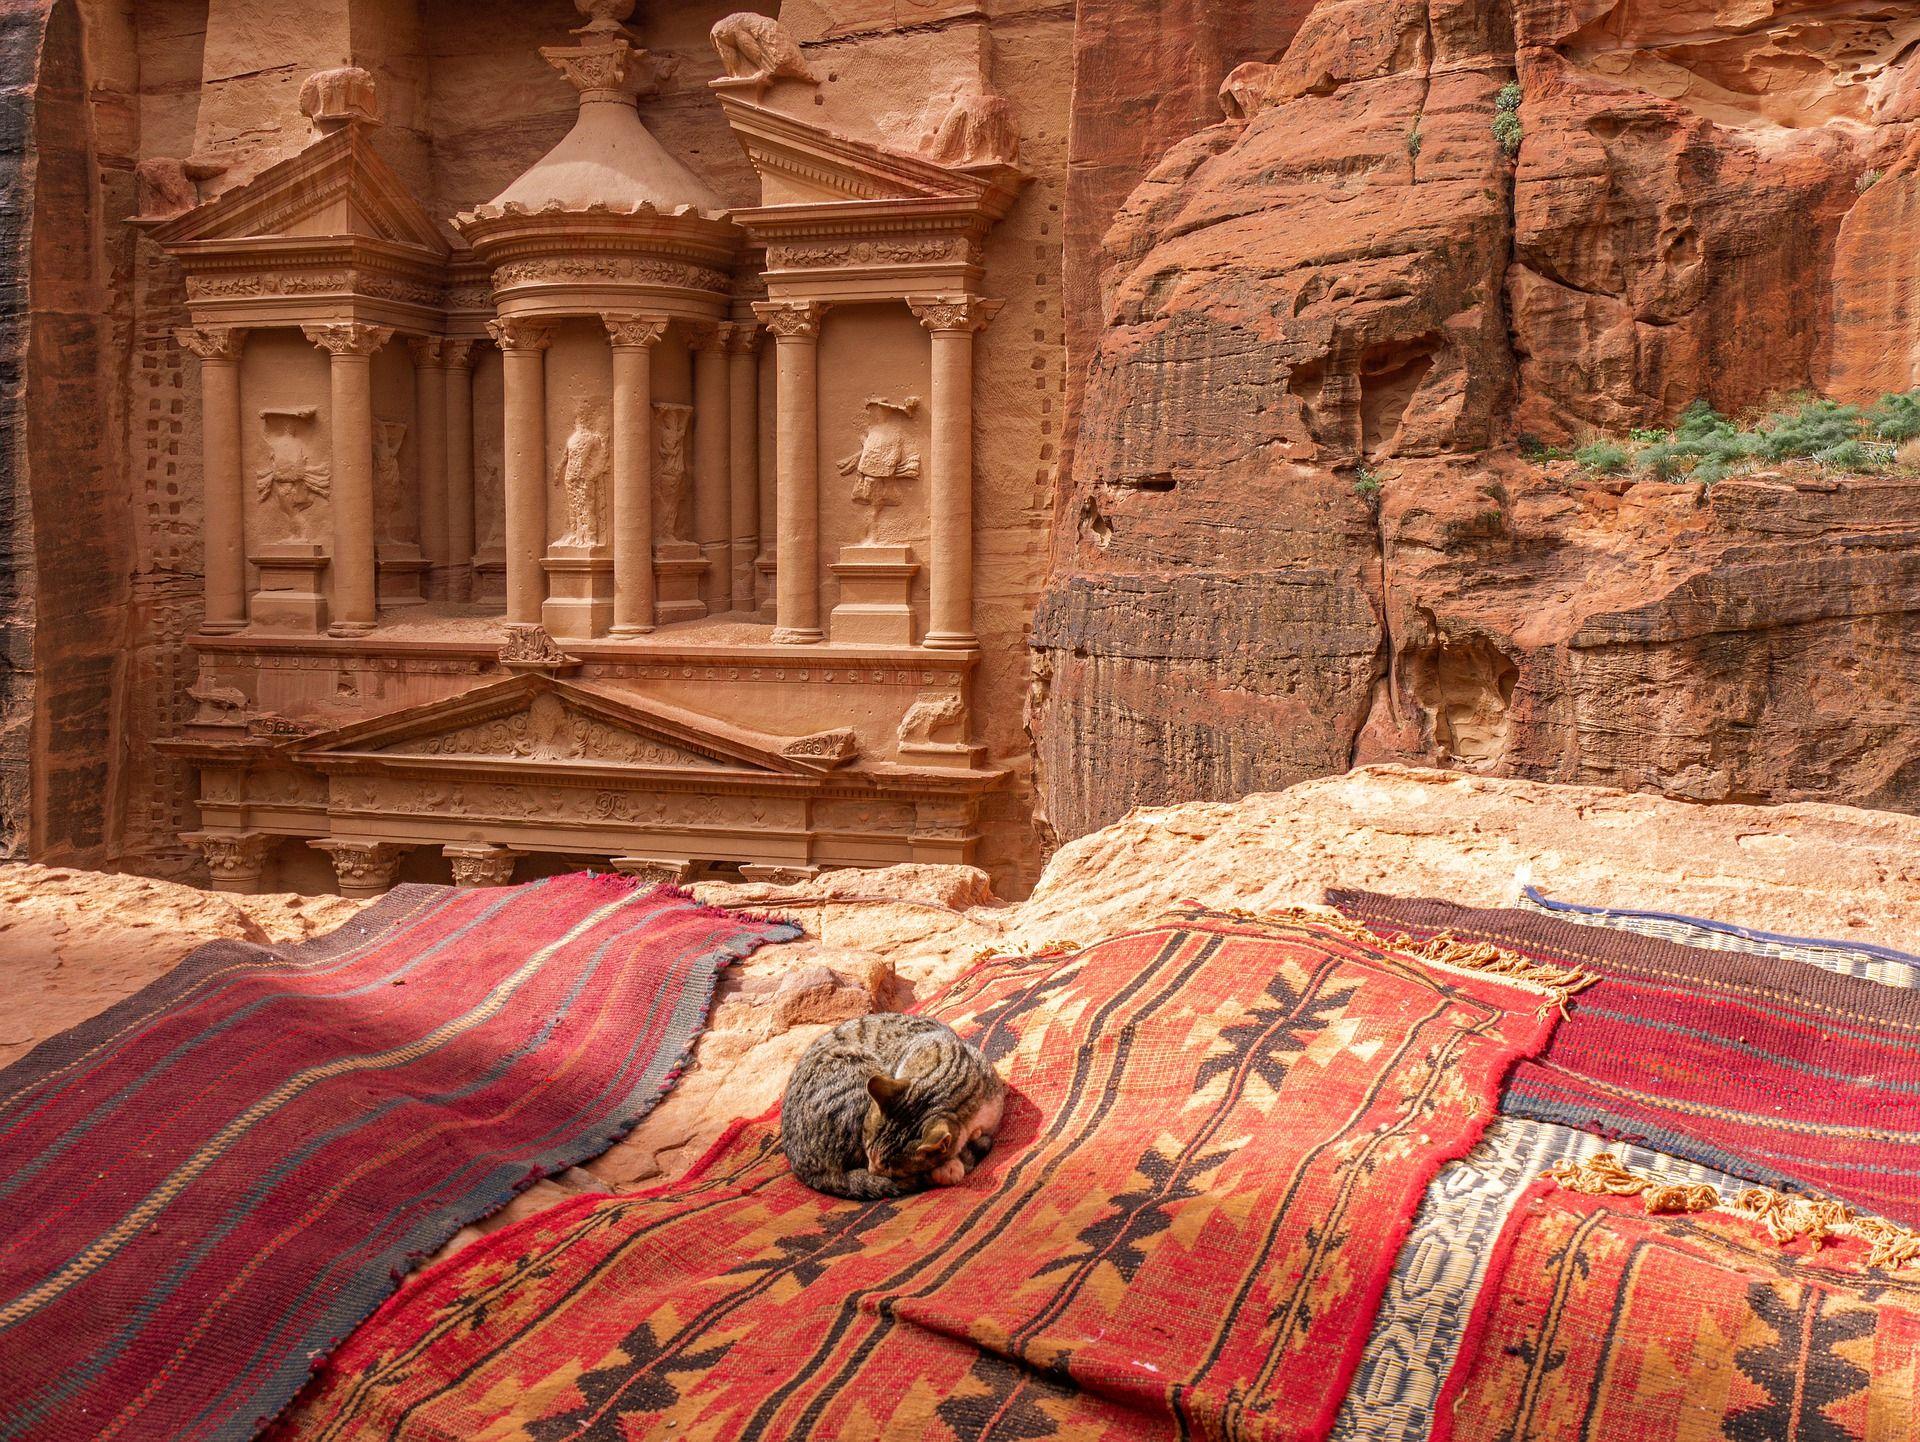 Guía de viaje a Jordania: todo lo que debes saber del turismo en Jordania